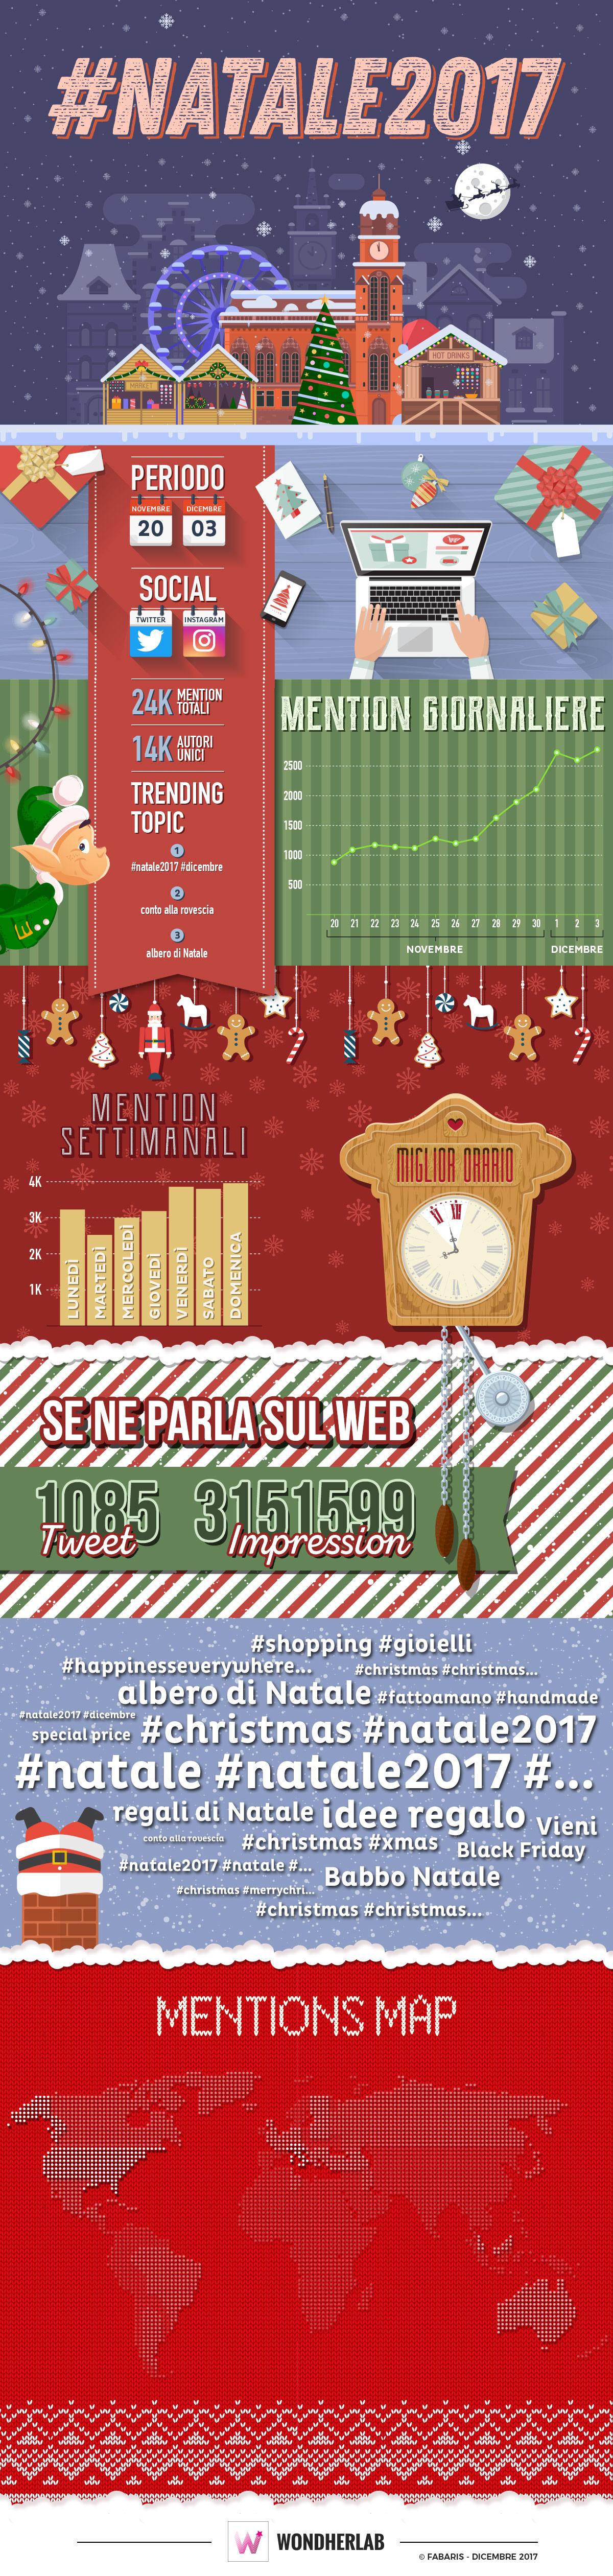 Infografica Natale 2017: popolarità social tra mention e impression